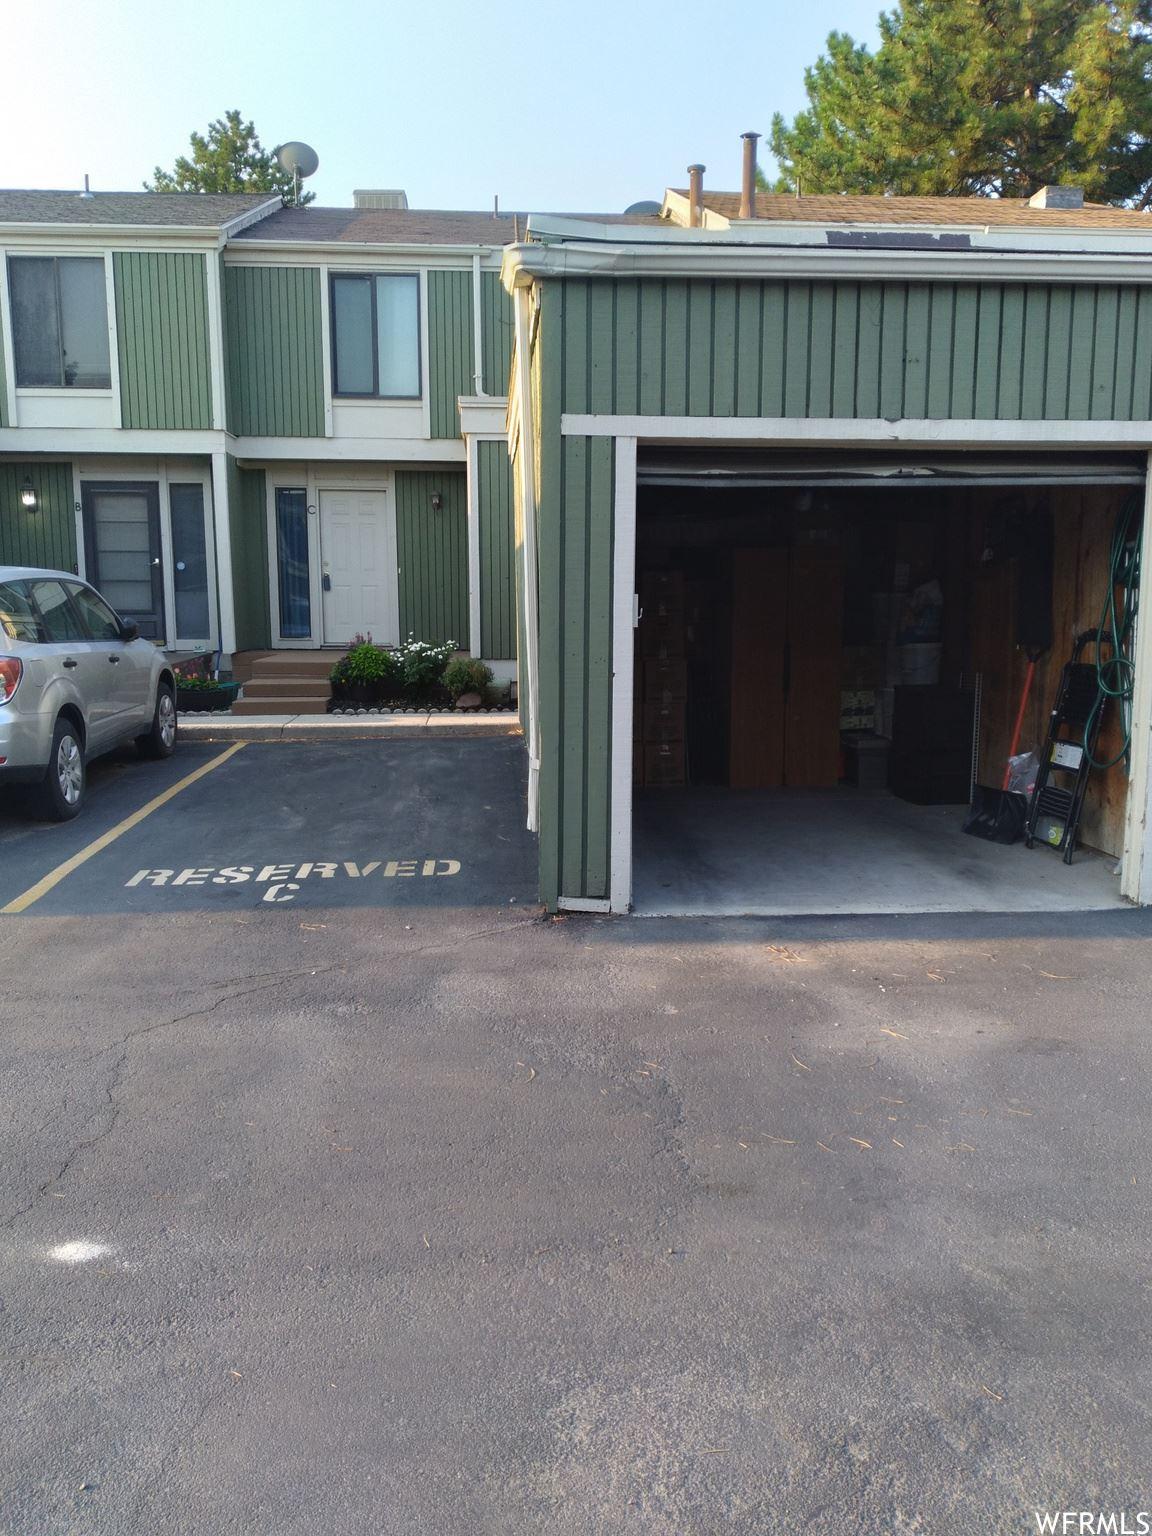 Photo of 2610 W VILLIAGE S LN #C, Taylorsville, UT 84129 (MLS # 1766961)